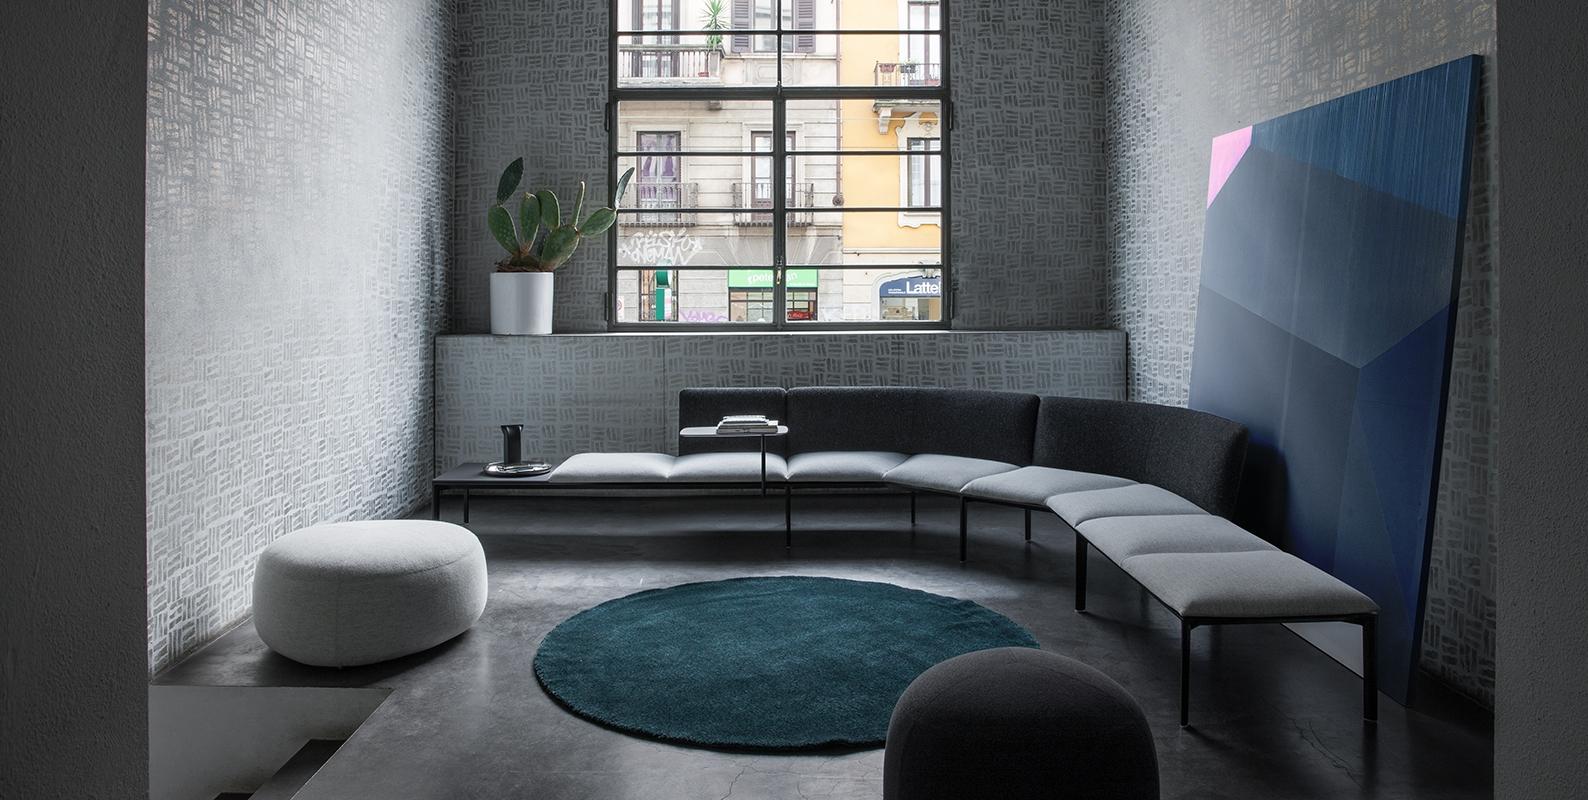 Lapalma lounge meubelcollectie roes inspireert met design